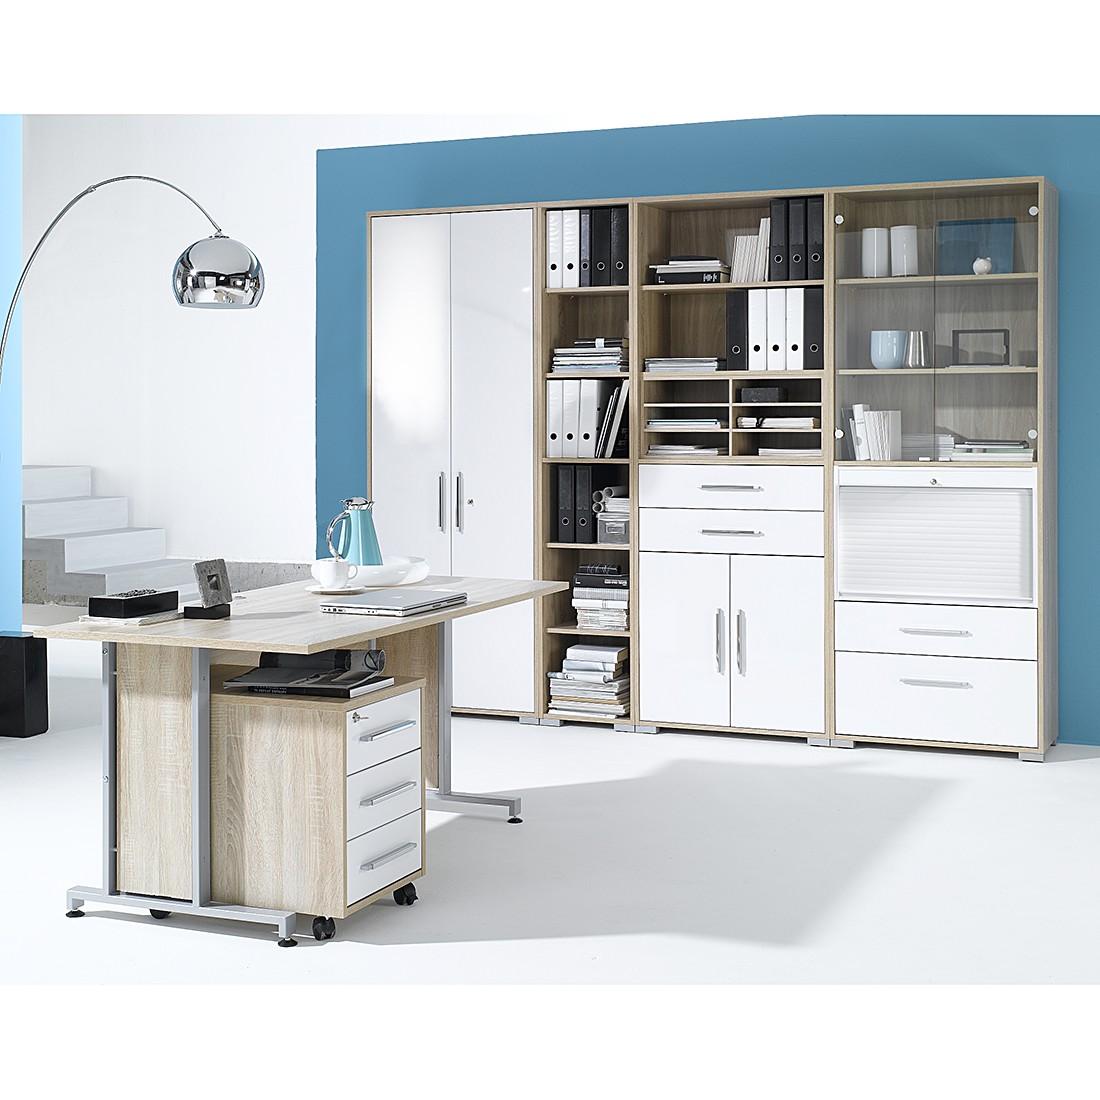 m bel eiche okay preisvergleich die besten angebote. Black Bedroom Furniture Sets. Home Design Ideas